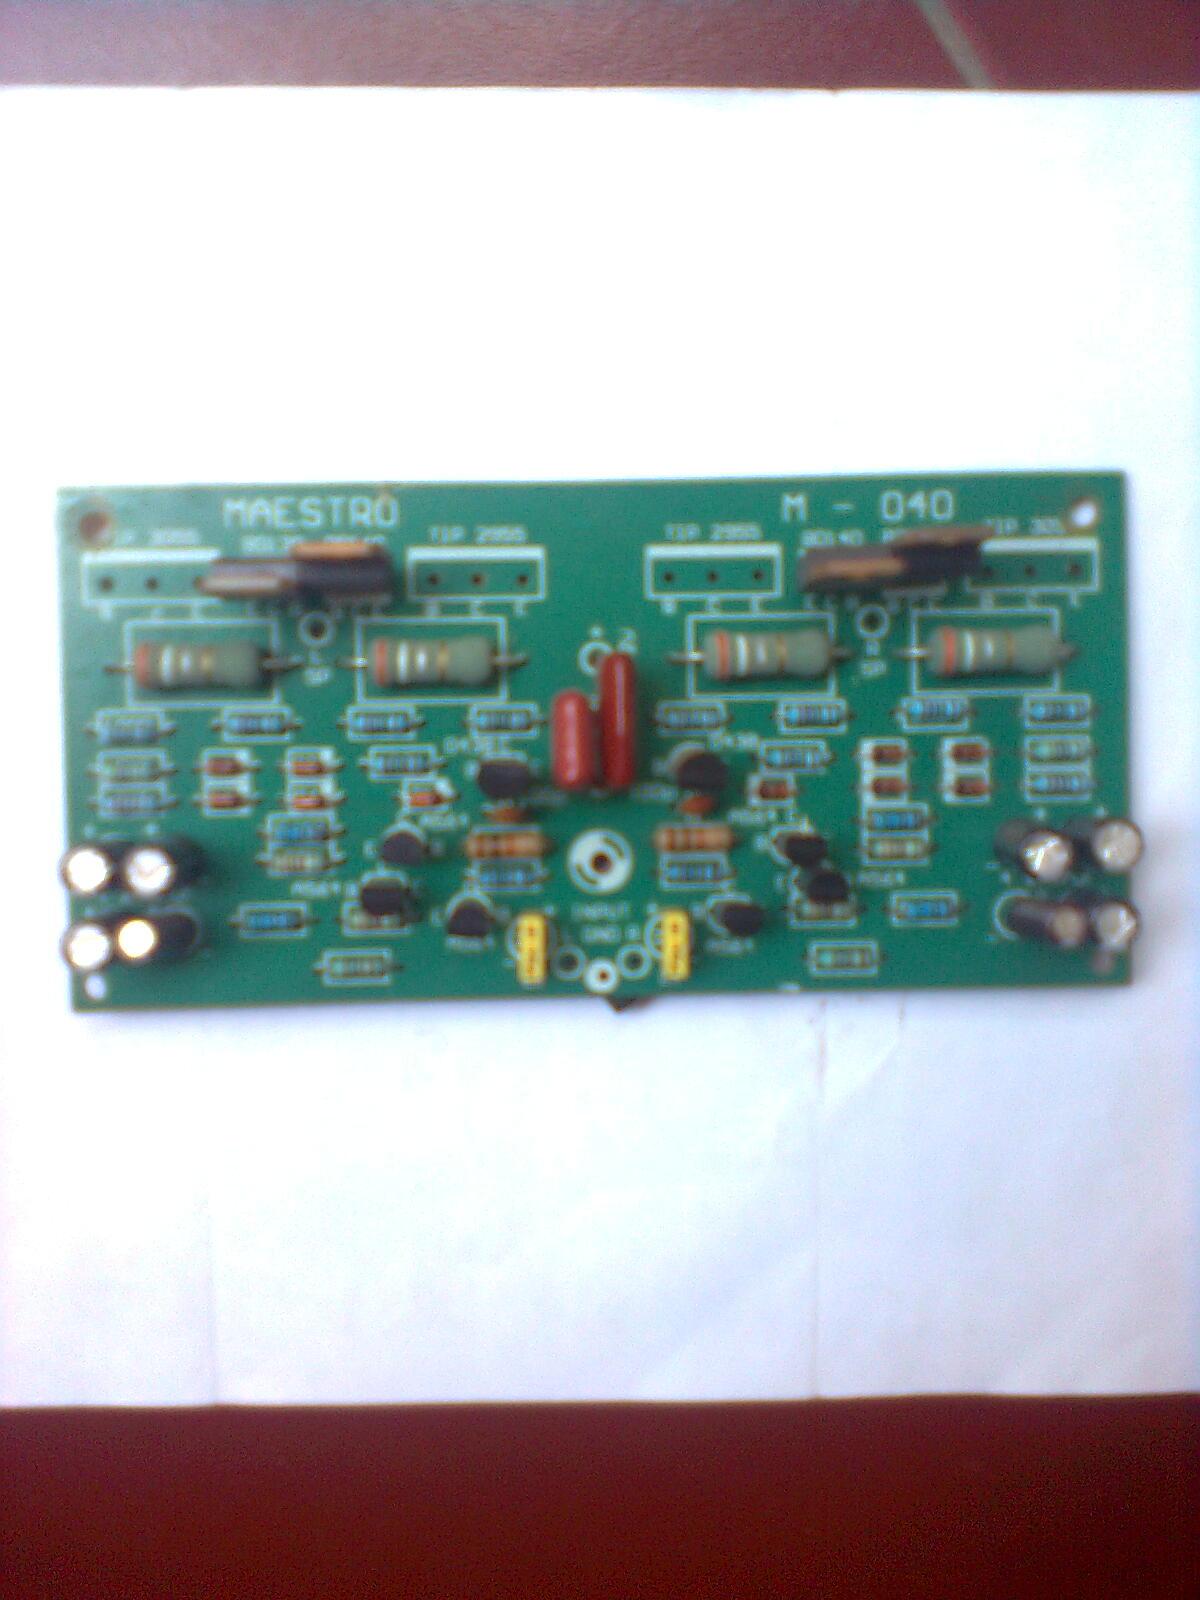 Audio Kreatif Perbandingan Kit Power Amplifier Rakitan Subwoofer Aktif 3 Kelas A Mosfet Cresscendo Axl Dan Sejenisnya Beberapa Rangkaian Ini Sudah Pernah Saya Rakit Hasilnya Kurang Memuaskan Cocoknya Untuk Lapangan